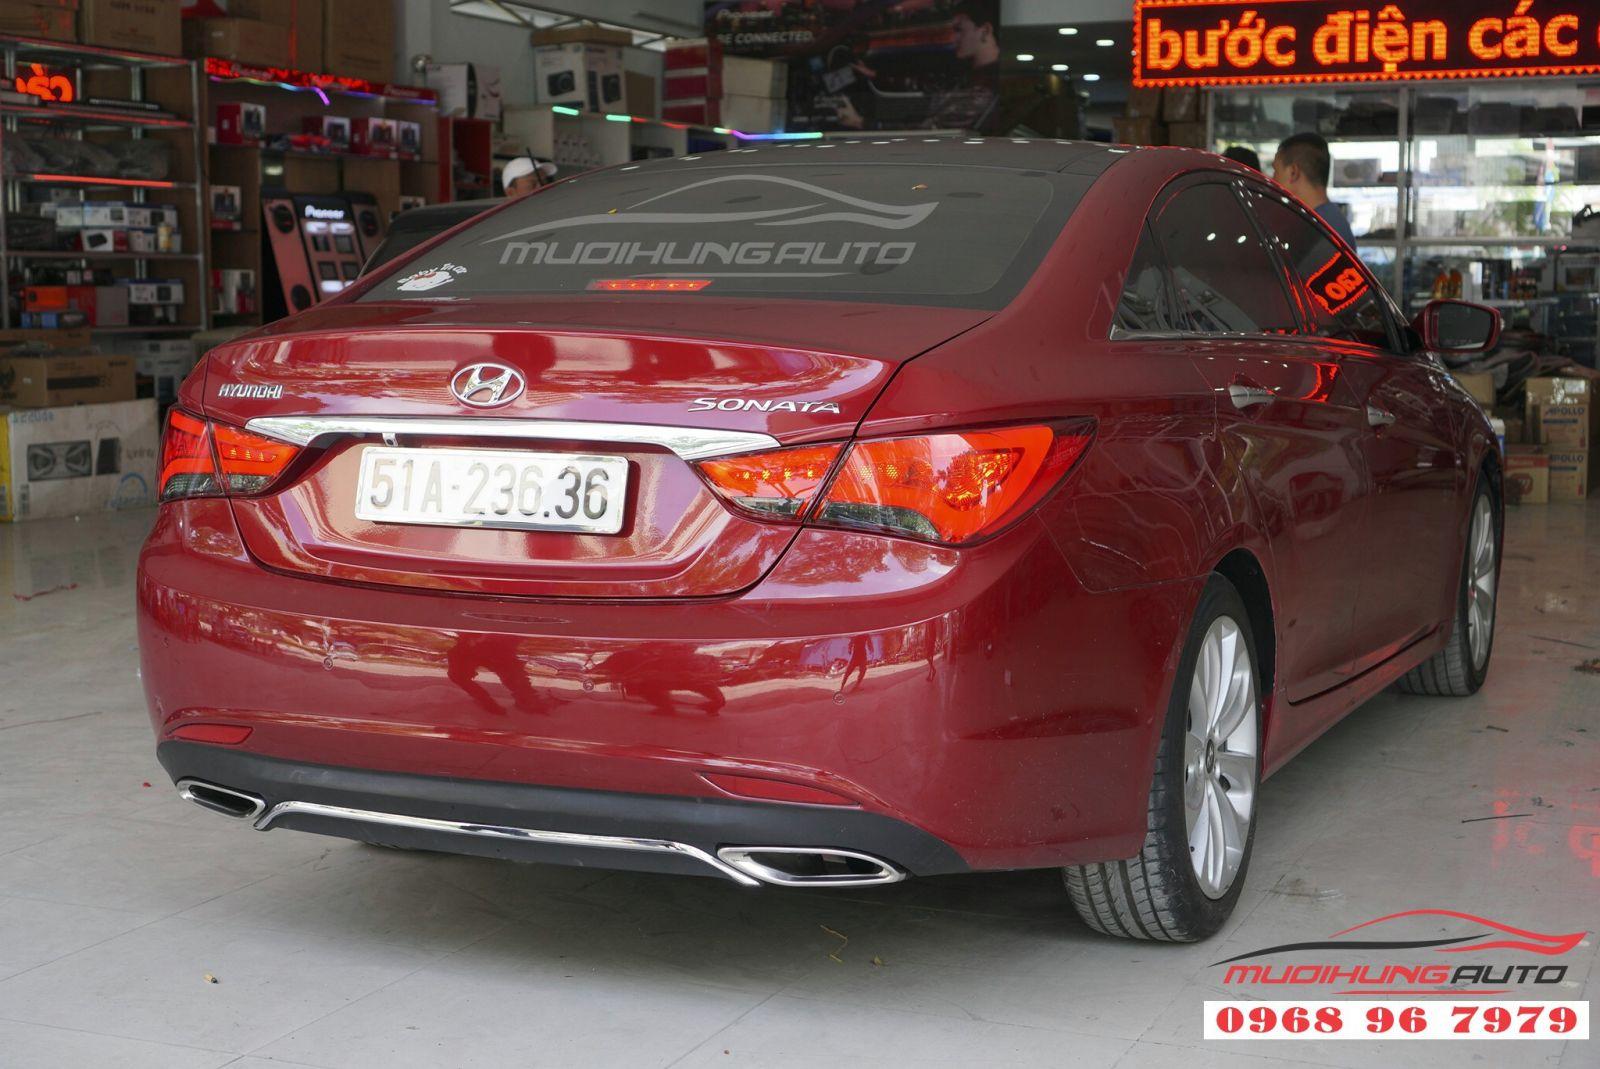 Hyundai Sonata 2011 độ đèn hậu nguyên cụm giá tốt 03